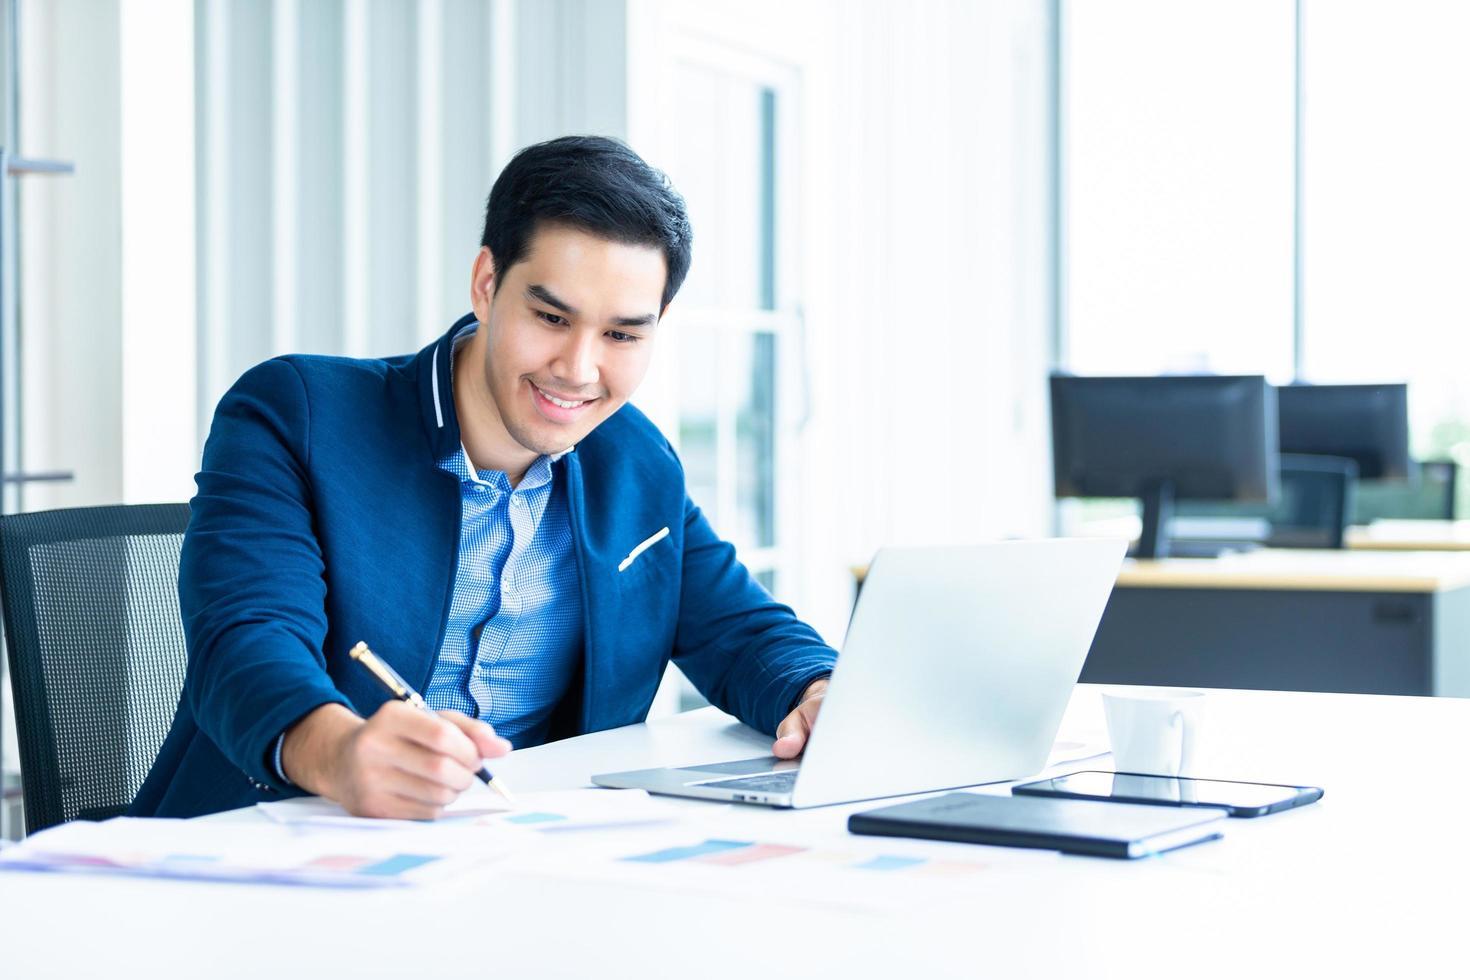 jonge Aziatische zakenman die aan zijn bureau werkt foto